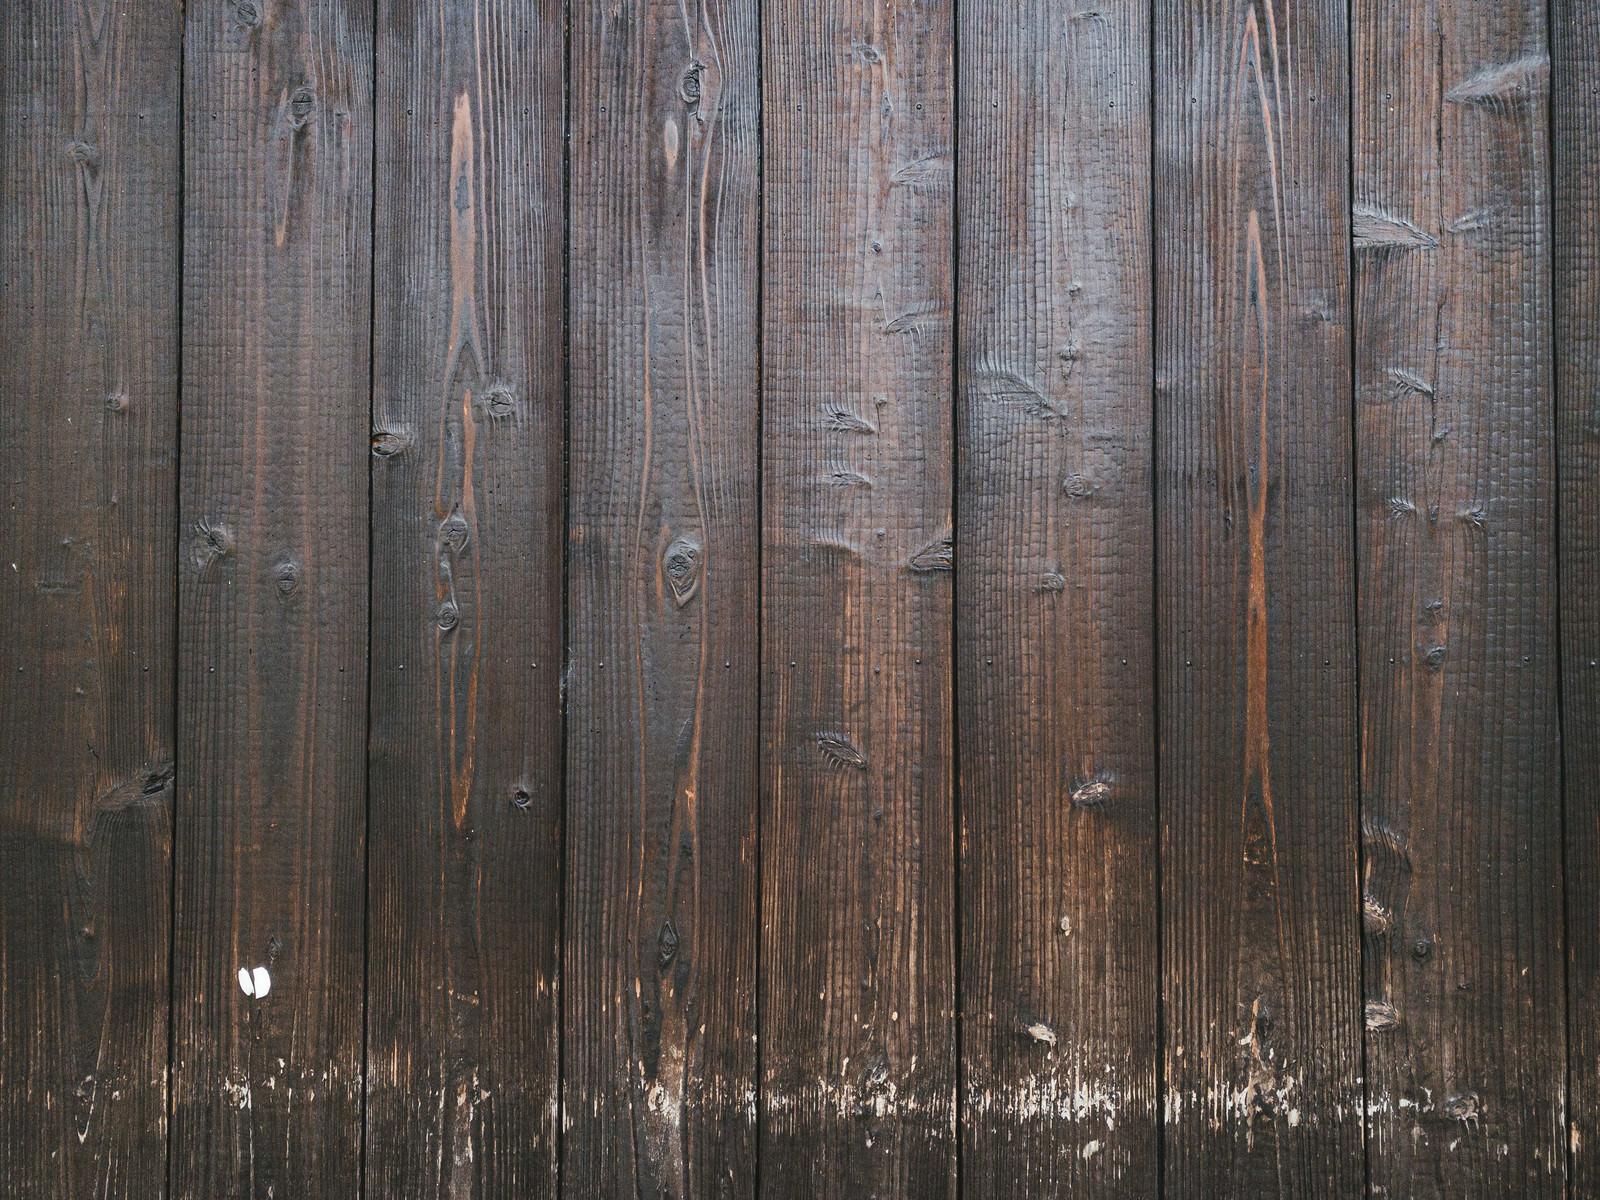 「やや擦れた木目の壁(テクスチャ)」の写真